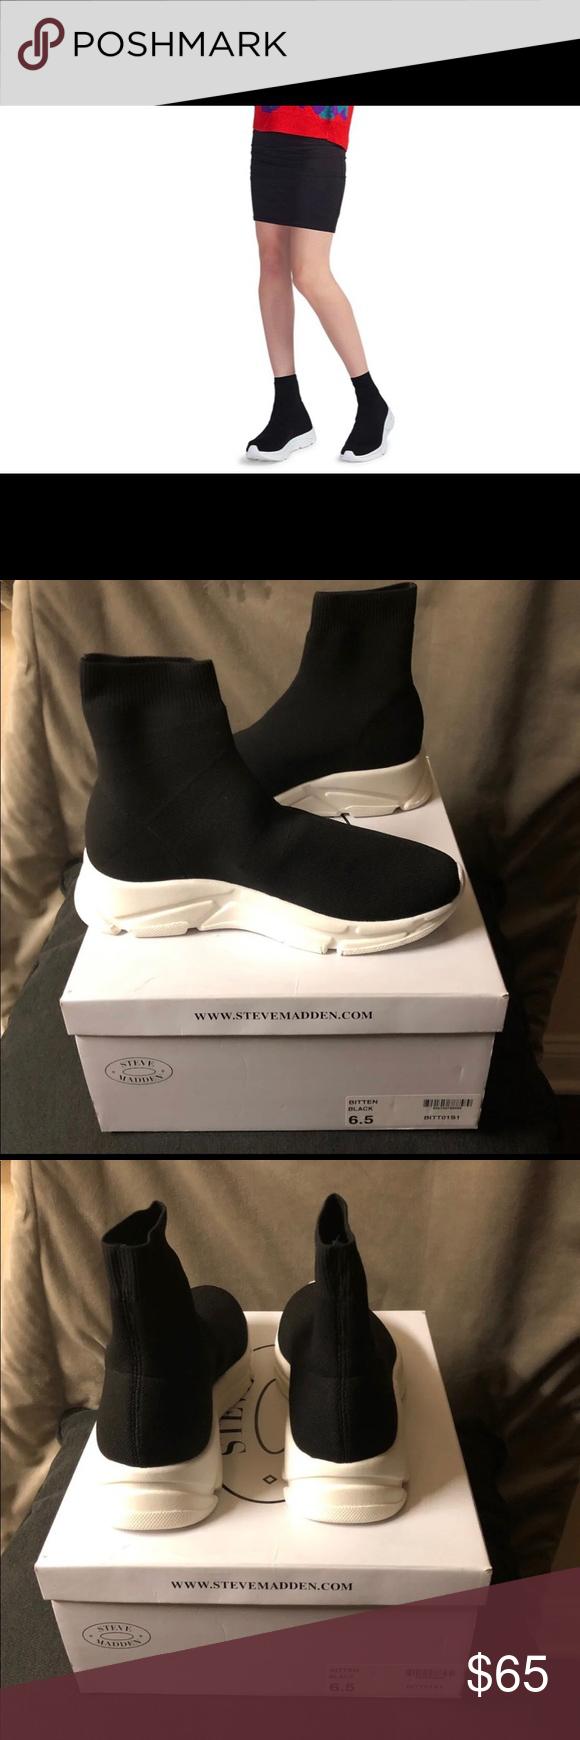 5af94c2d480 Steve Madden Women's Bitten Black Sneakers With a sock-like knit ...